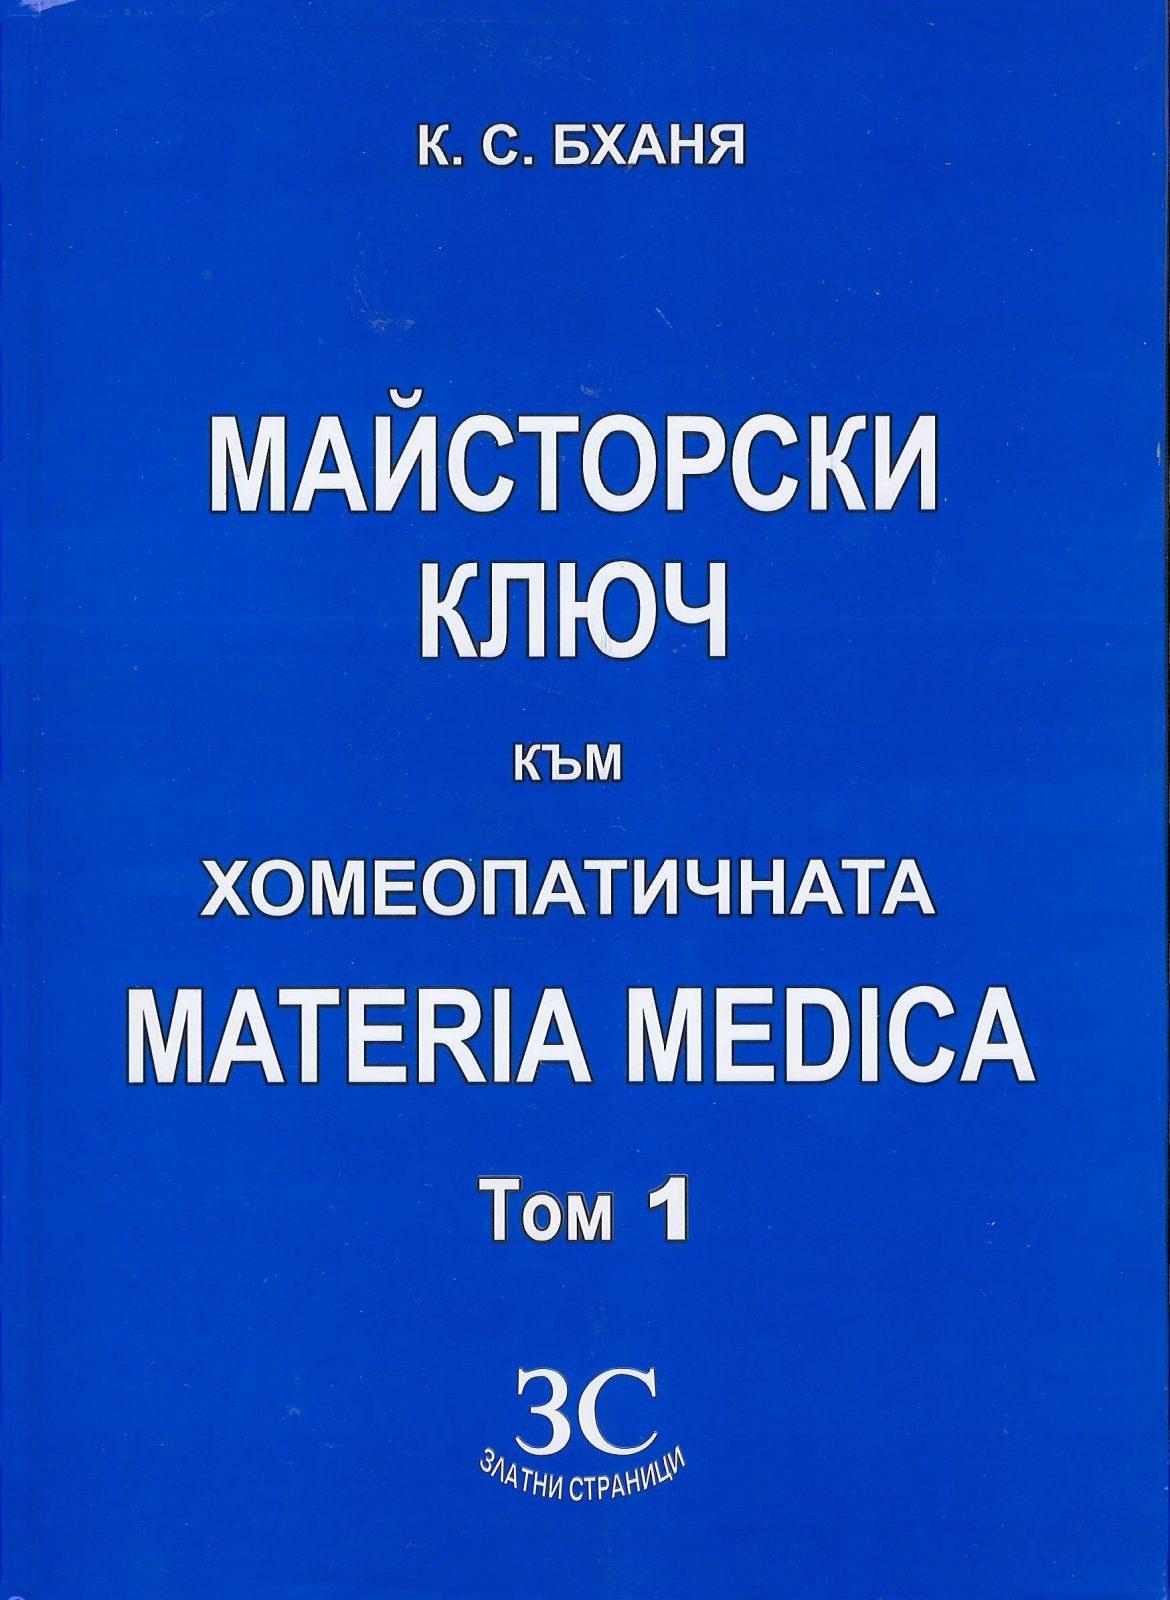 Майсторски ключ към хомеопатичната Материя Медика (Materia Medica) – Том 1 + Том 2